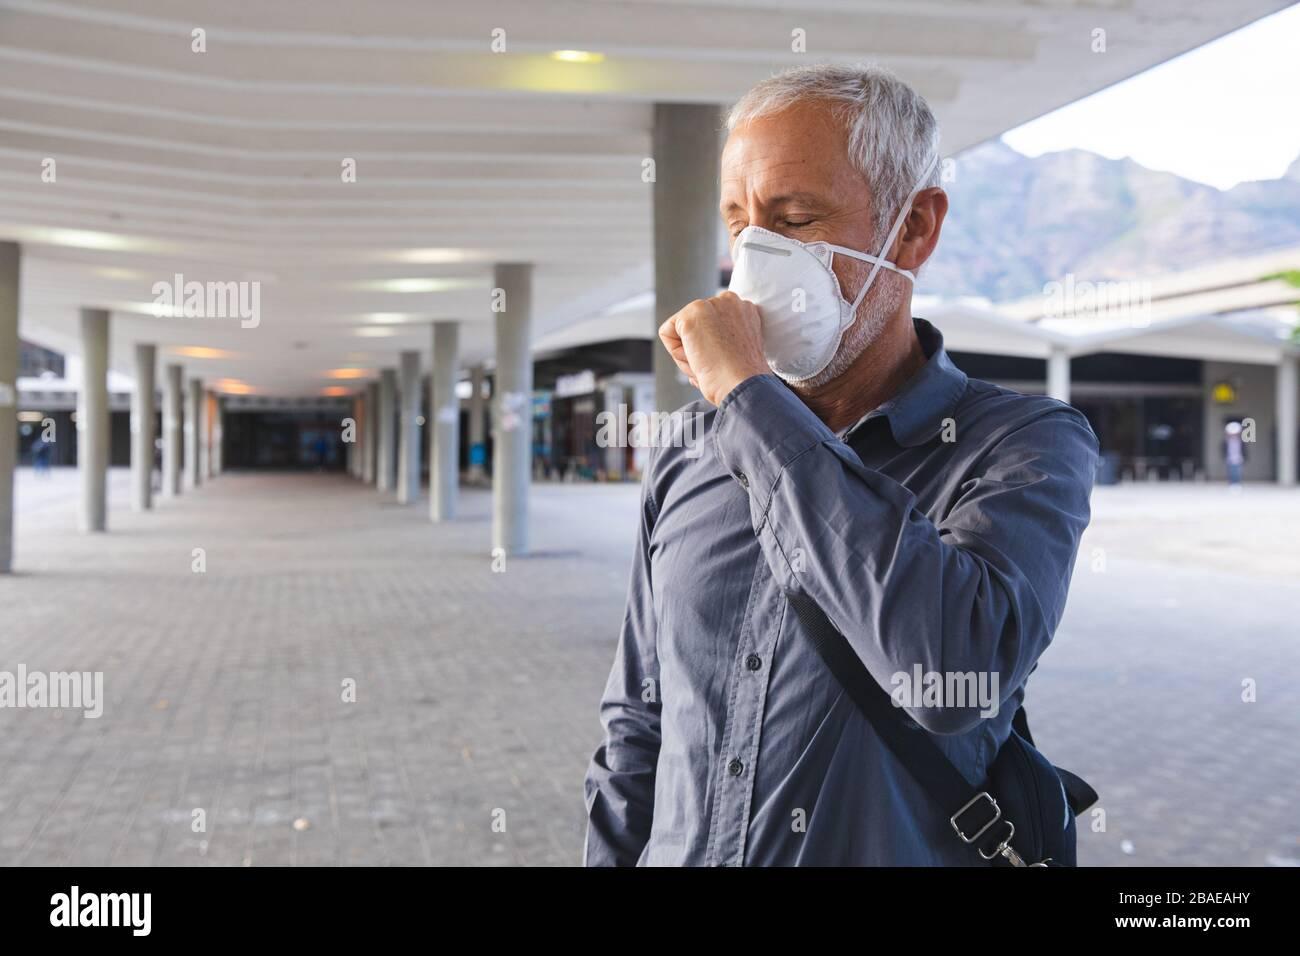 Hombre de mediana edad con mascarilla Coronavirus Covid19 Foto de stock